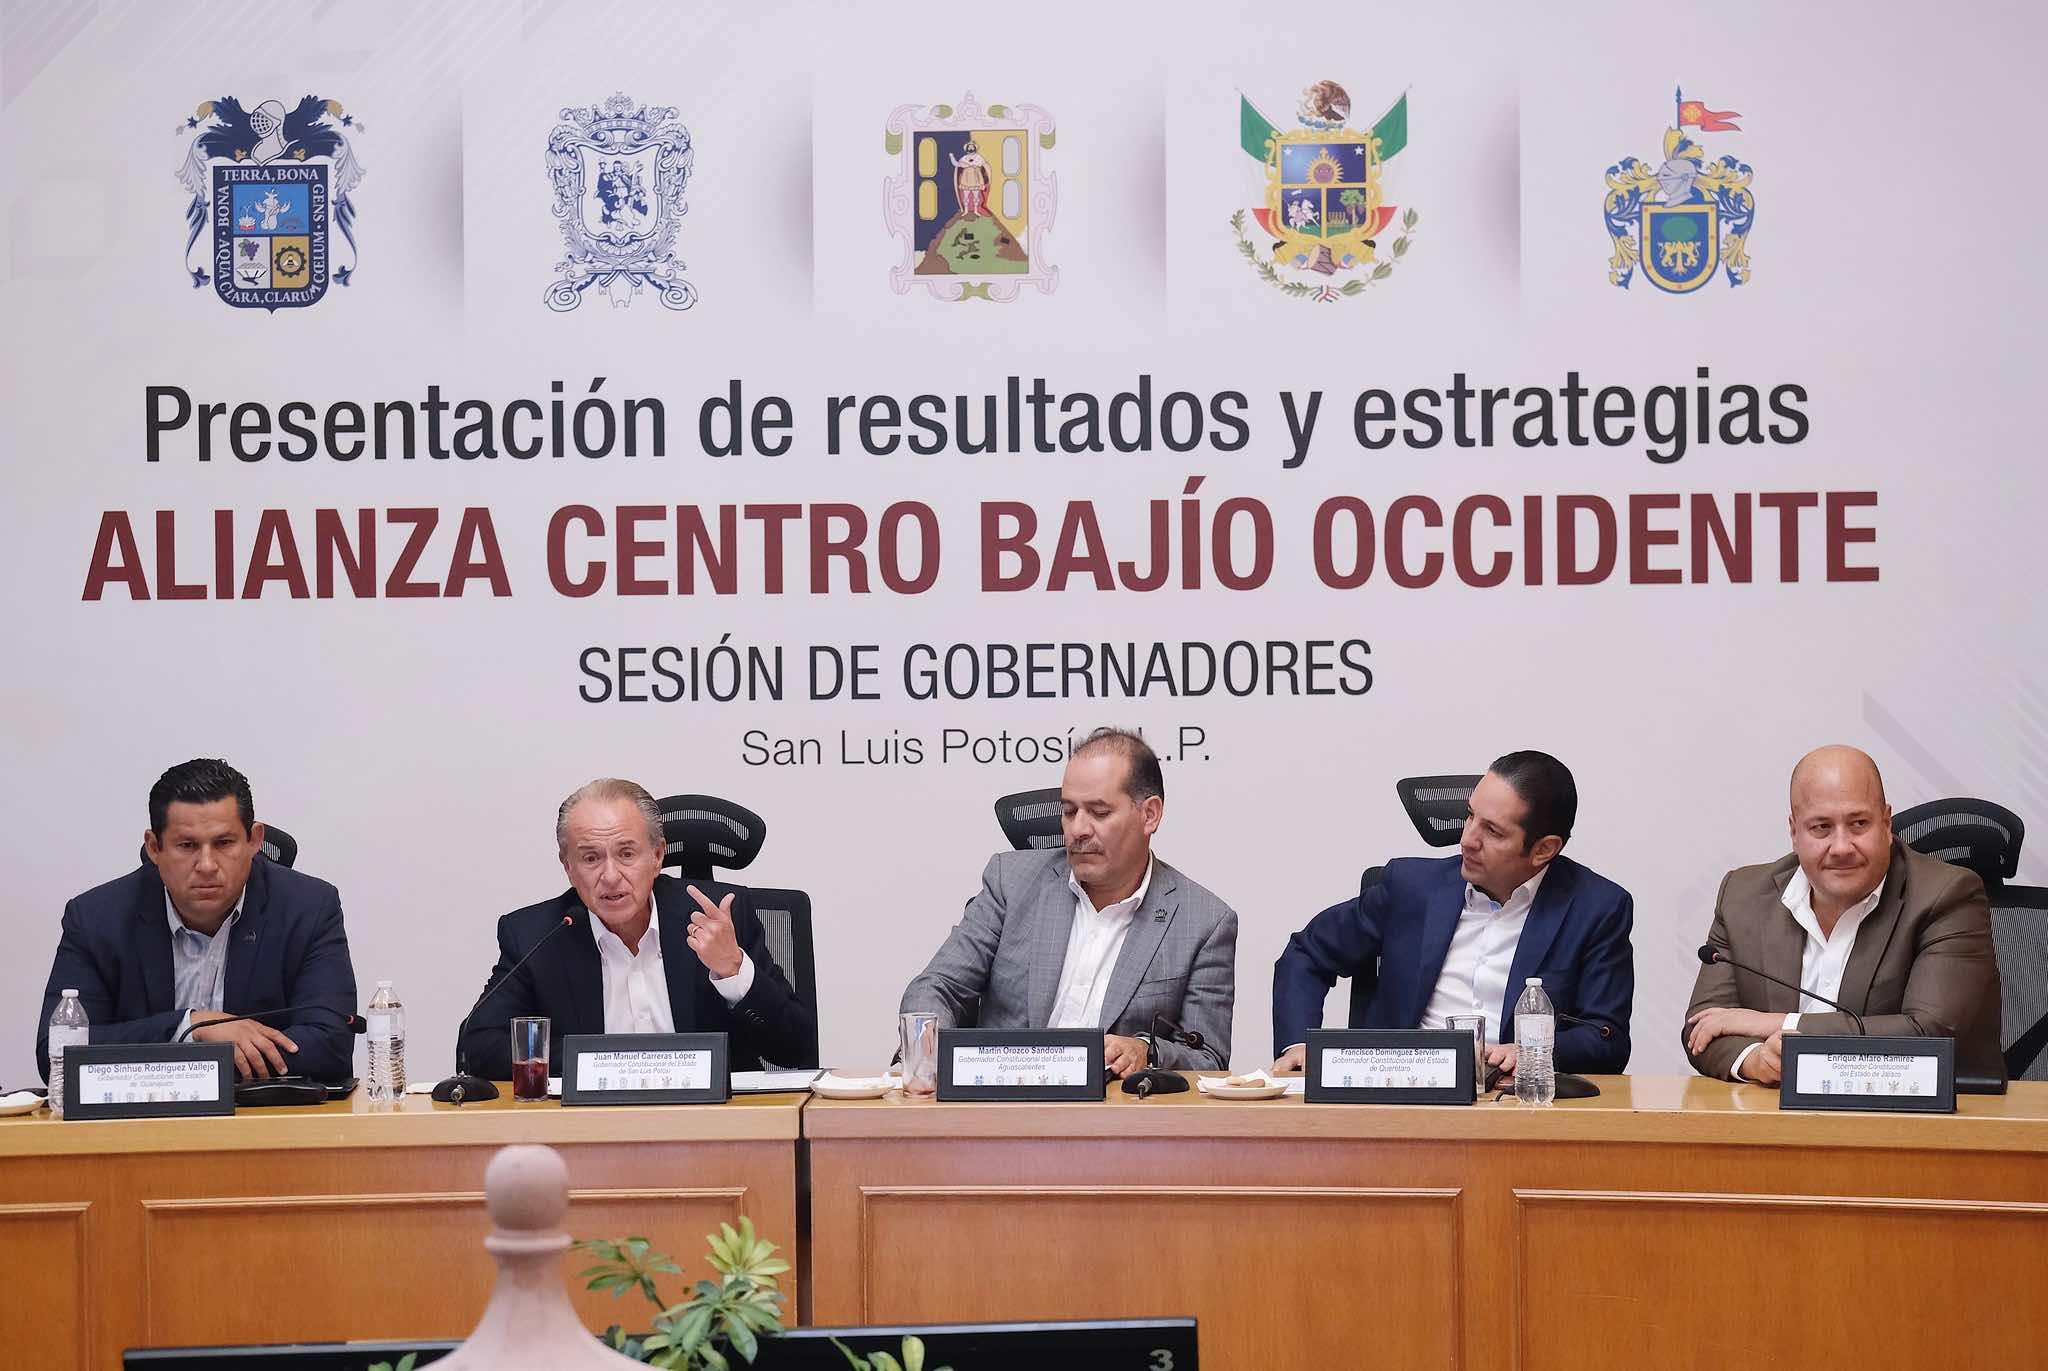 ¿Qué proyectos de infraestructura serán prioritarios para la alianza mexicana de El Bajío?